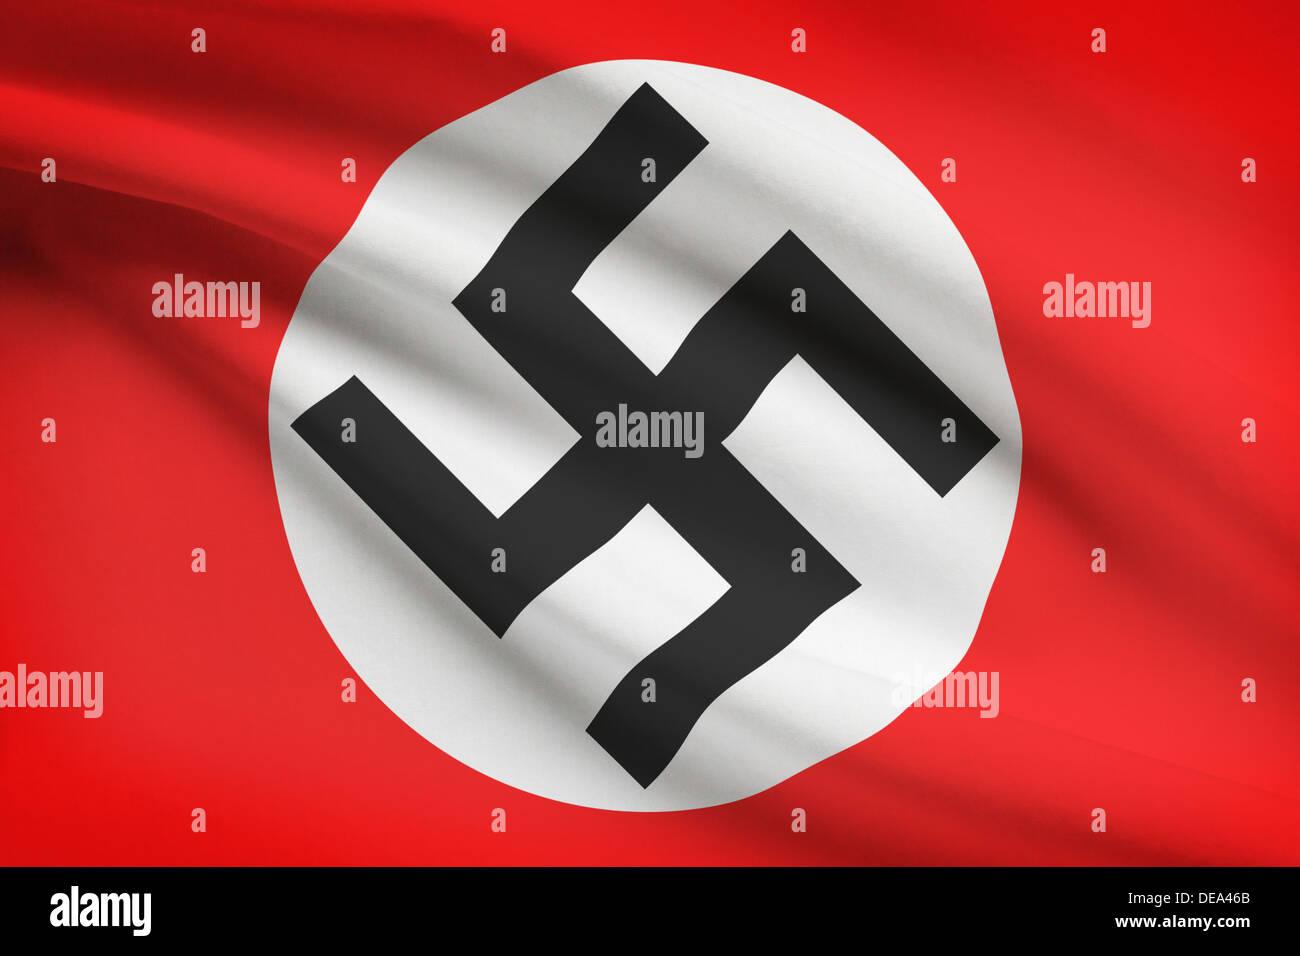 Фото немецкого флага с крестом